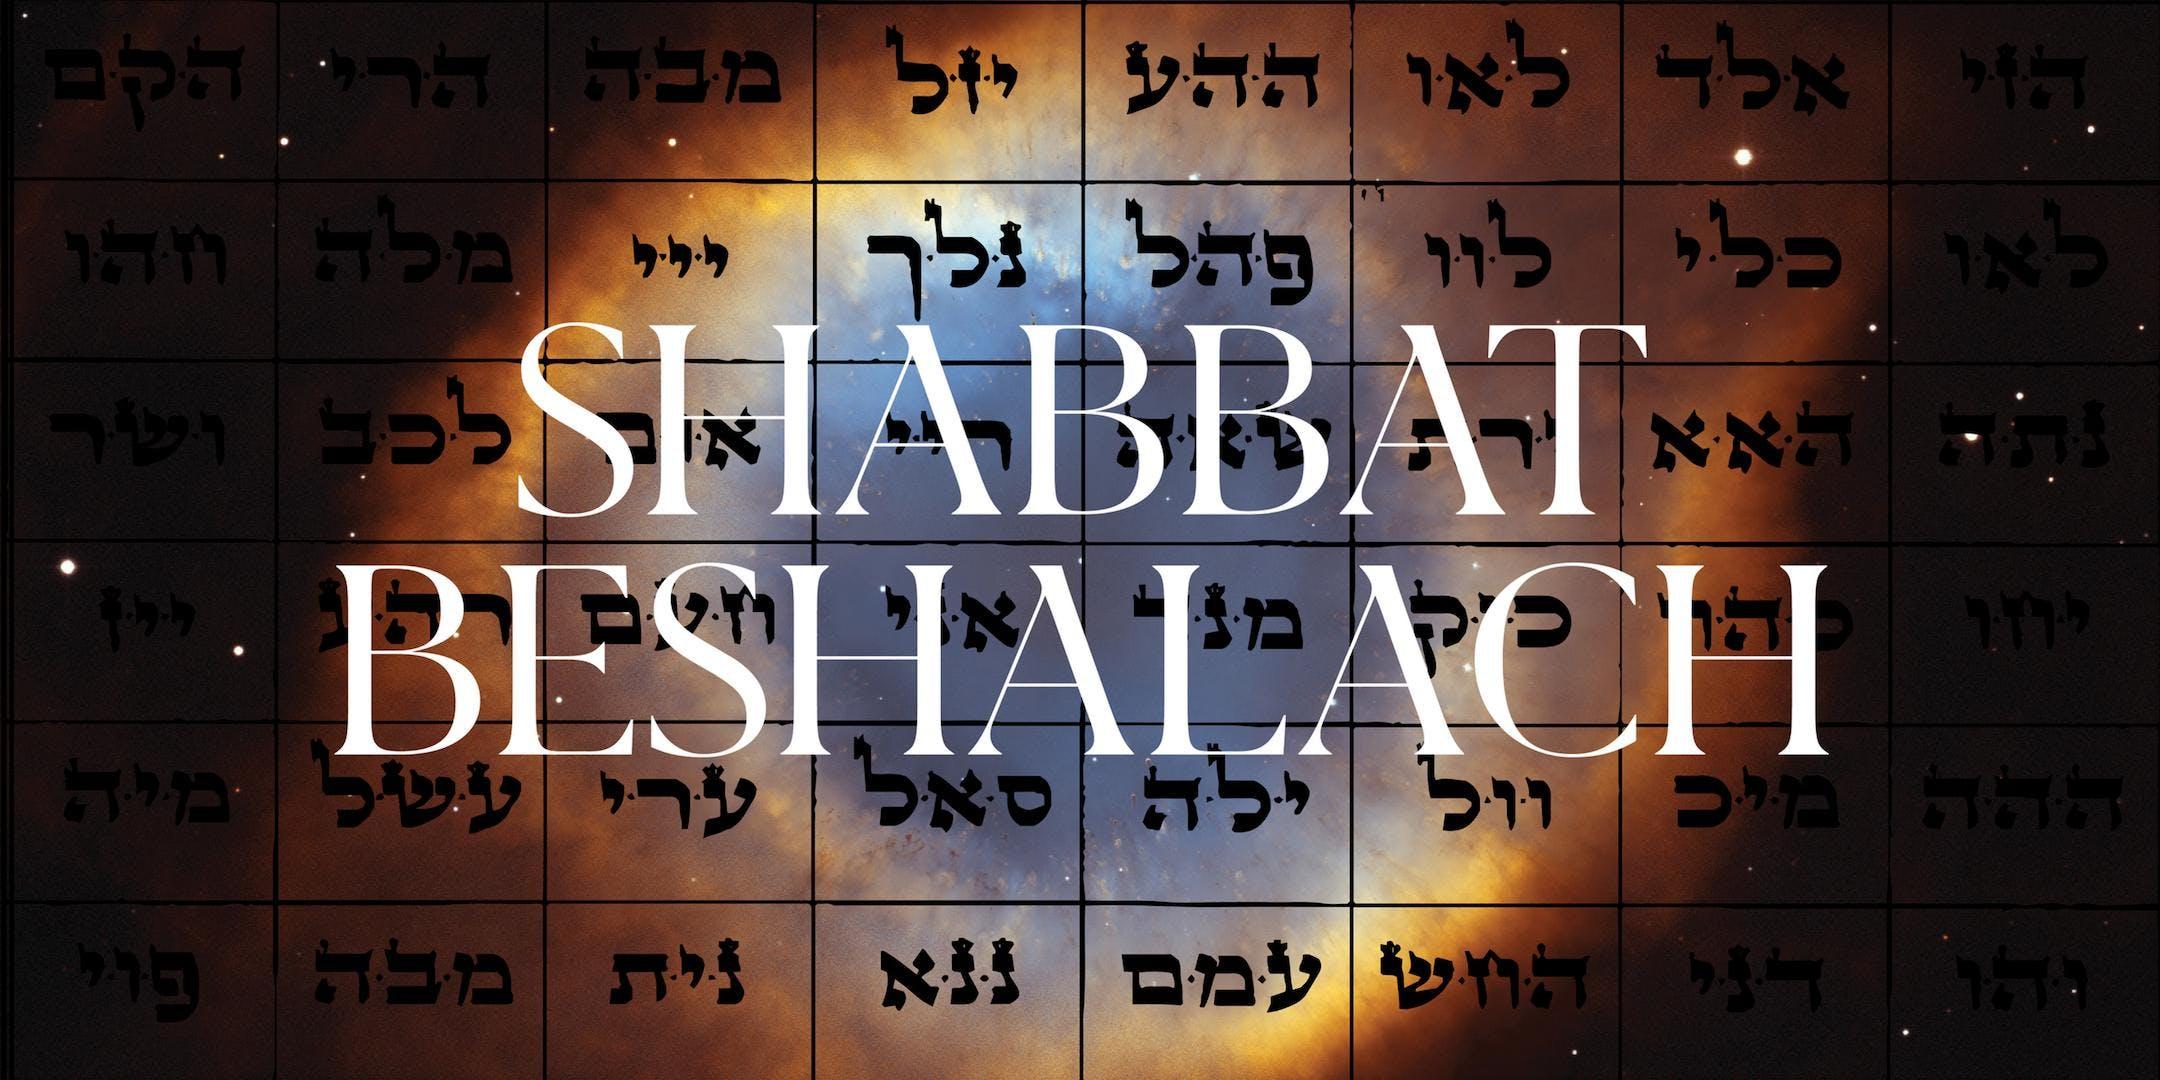 Shabbat Beshalach (DE-EN)